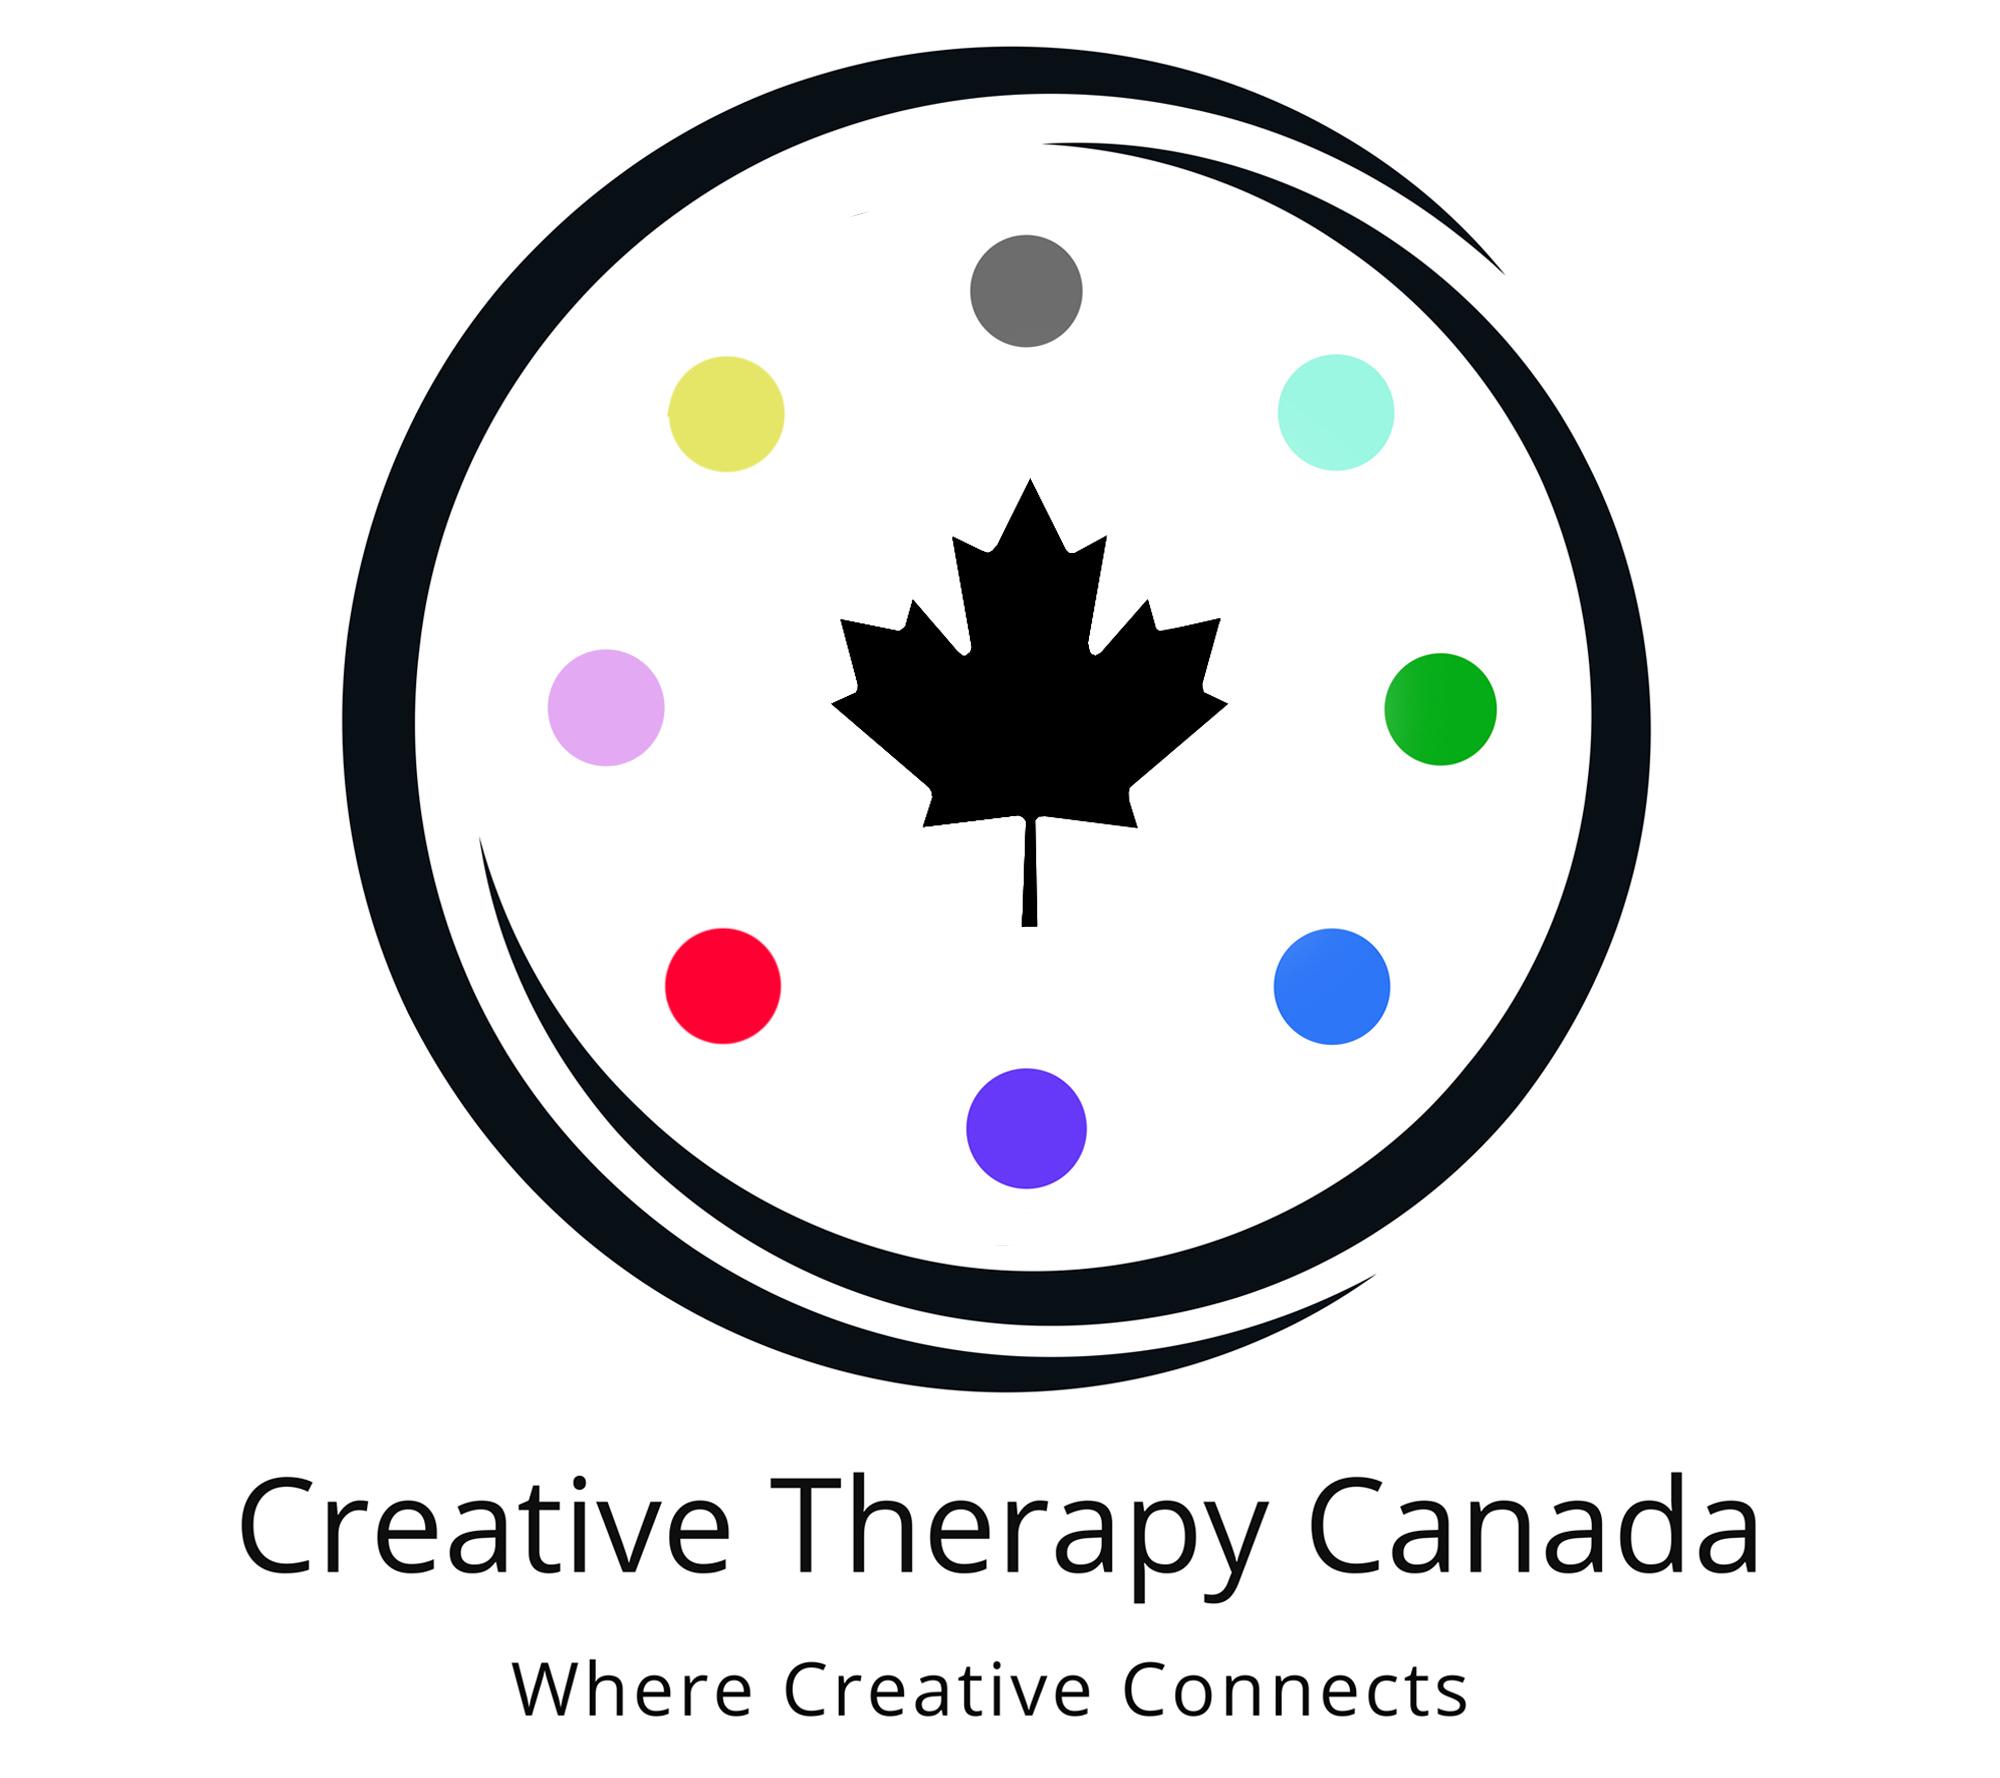 Creative Therapy Canada